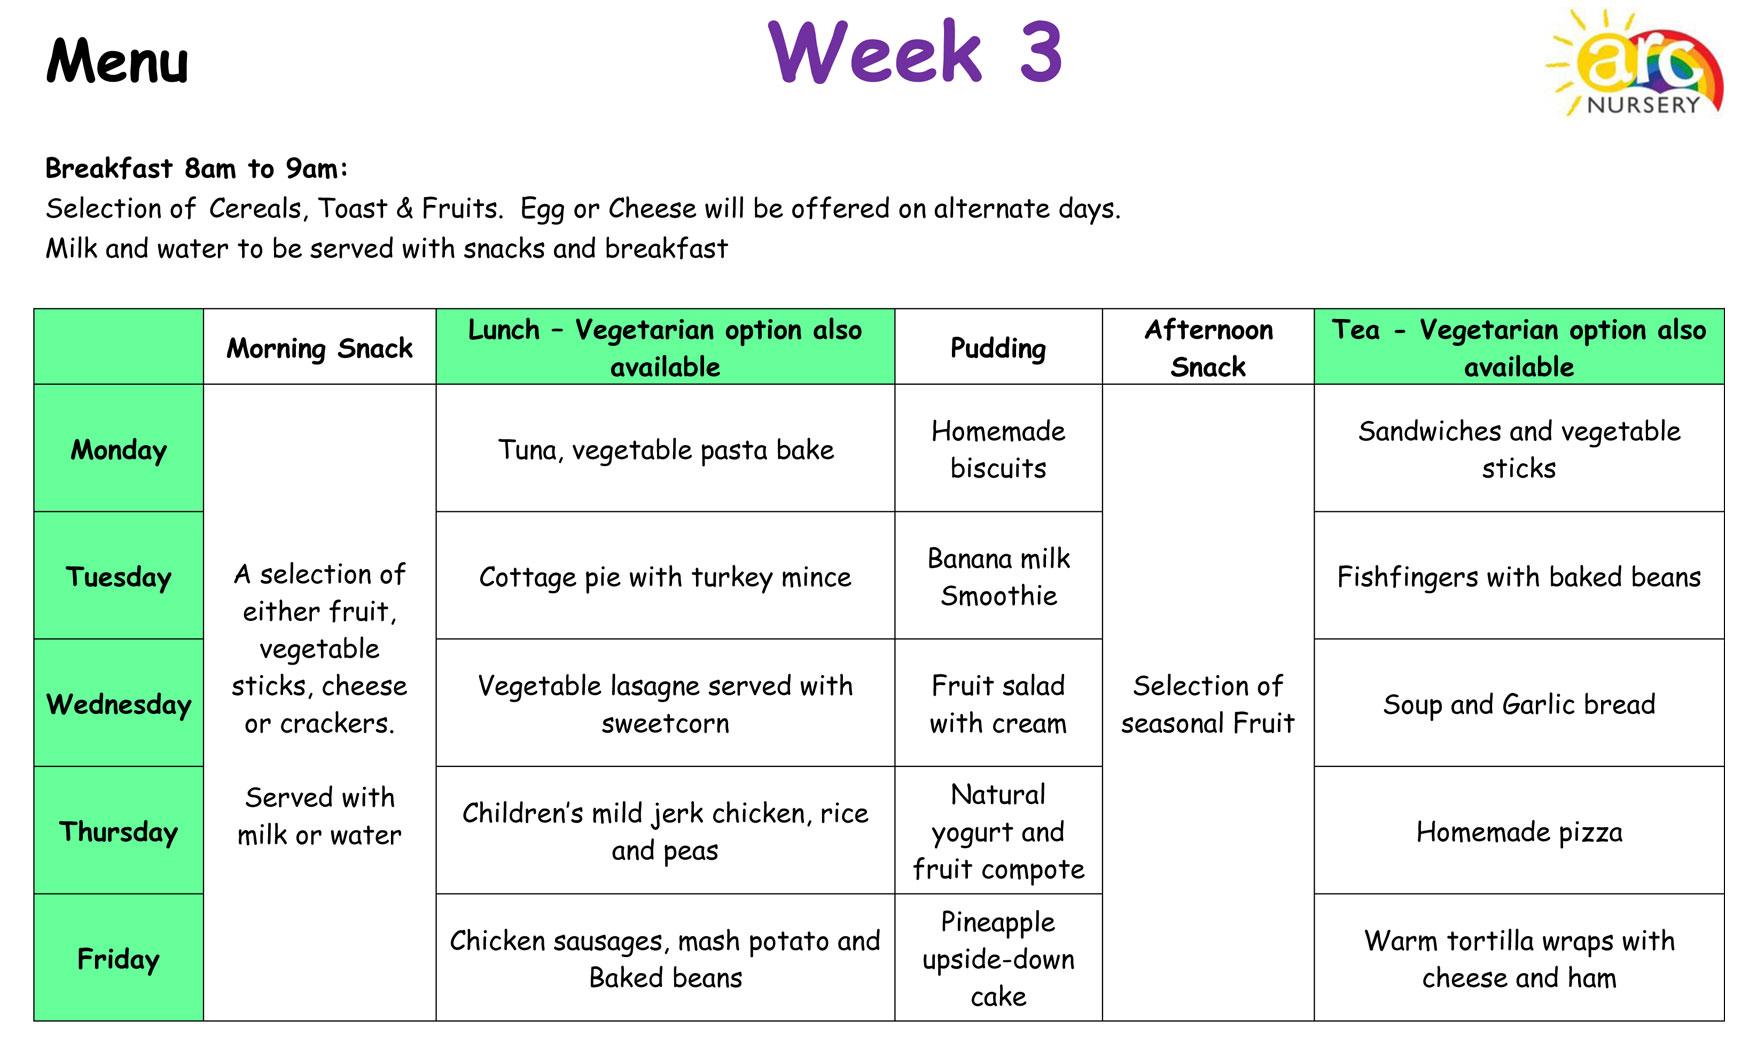 Arc Nursery Menu, Week 3